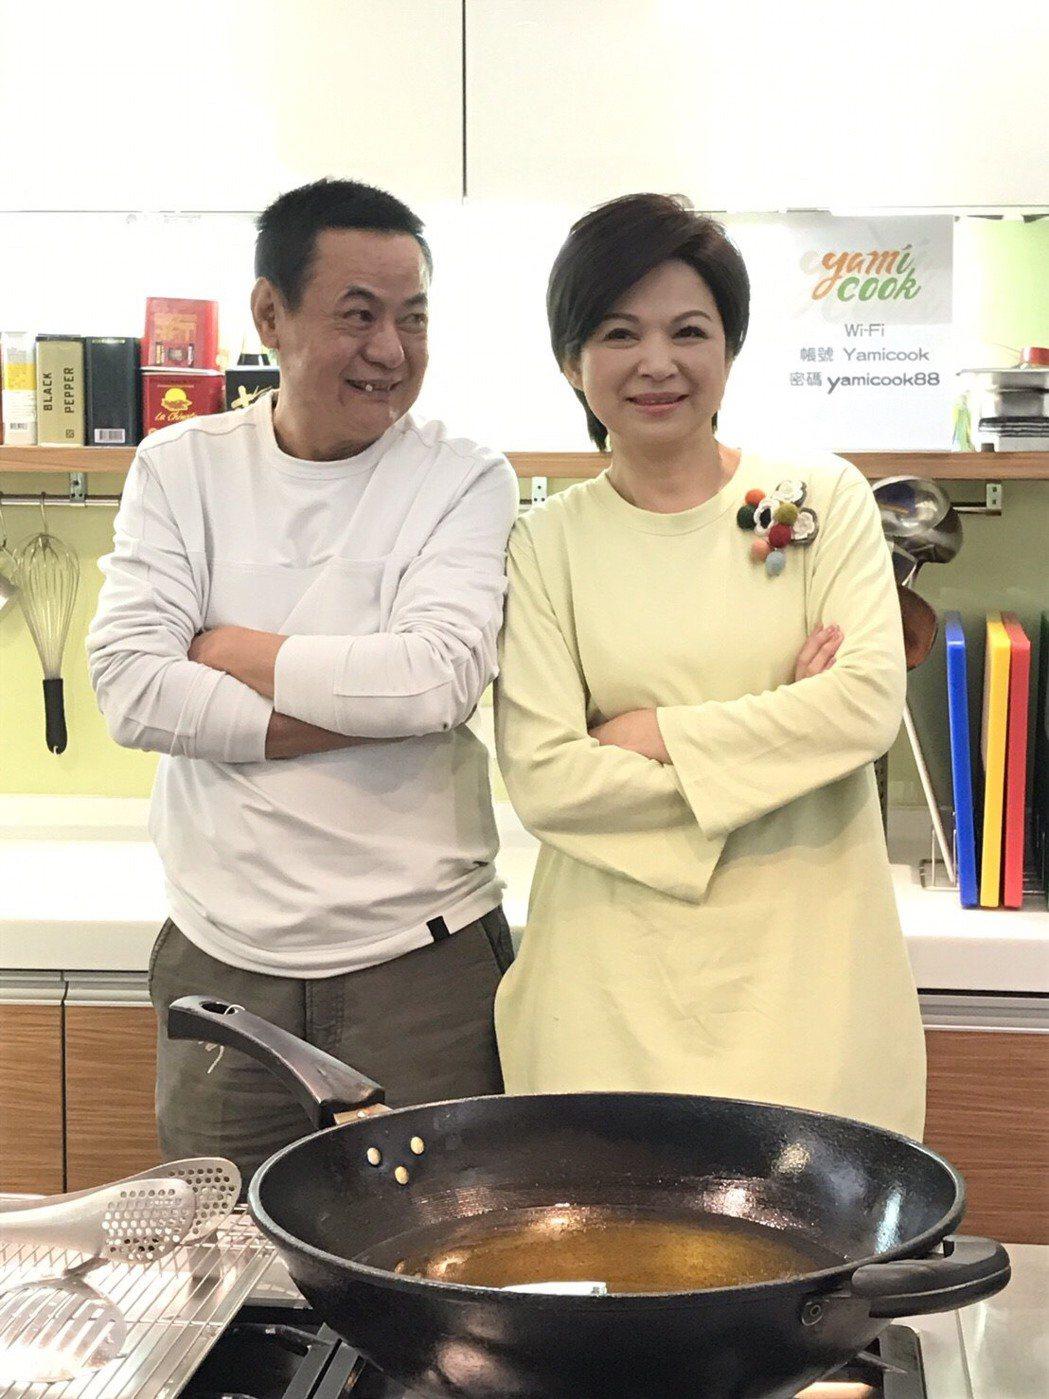 楊貴媚(右)、蔡振南為「媽媽不見了」慶功下廚。圖/民視提供